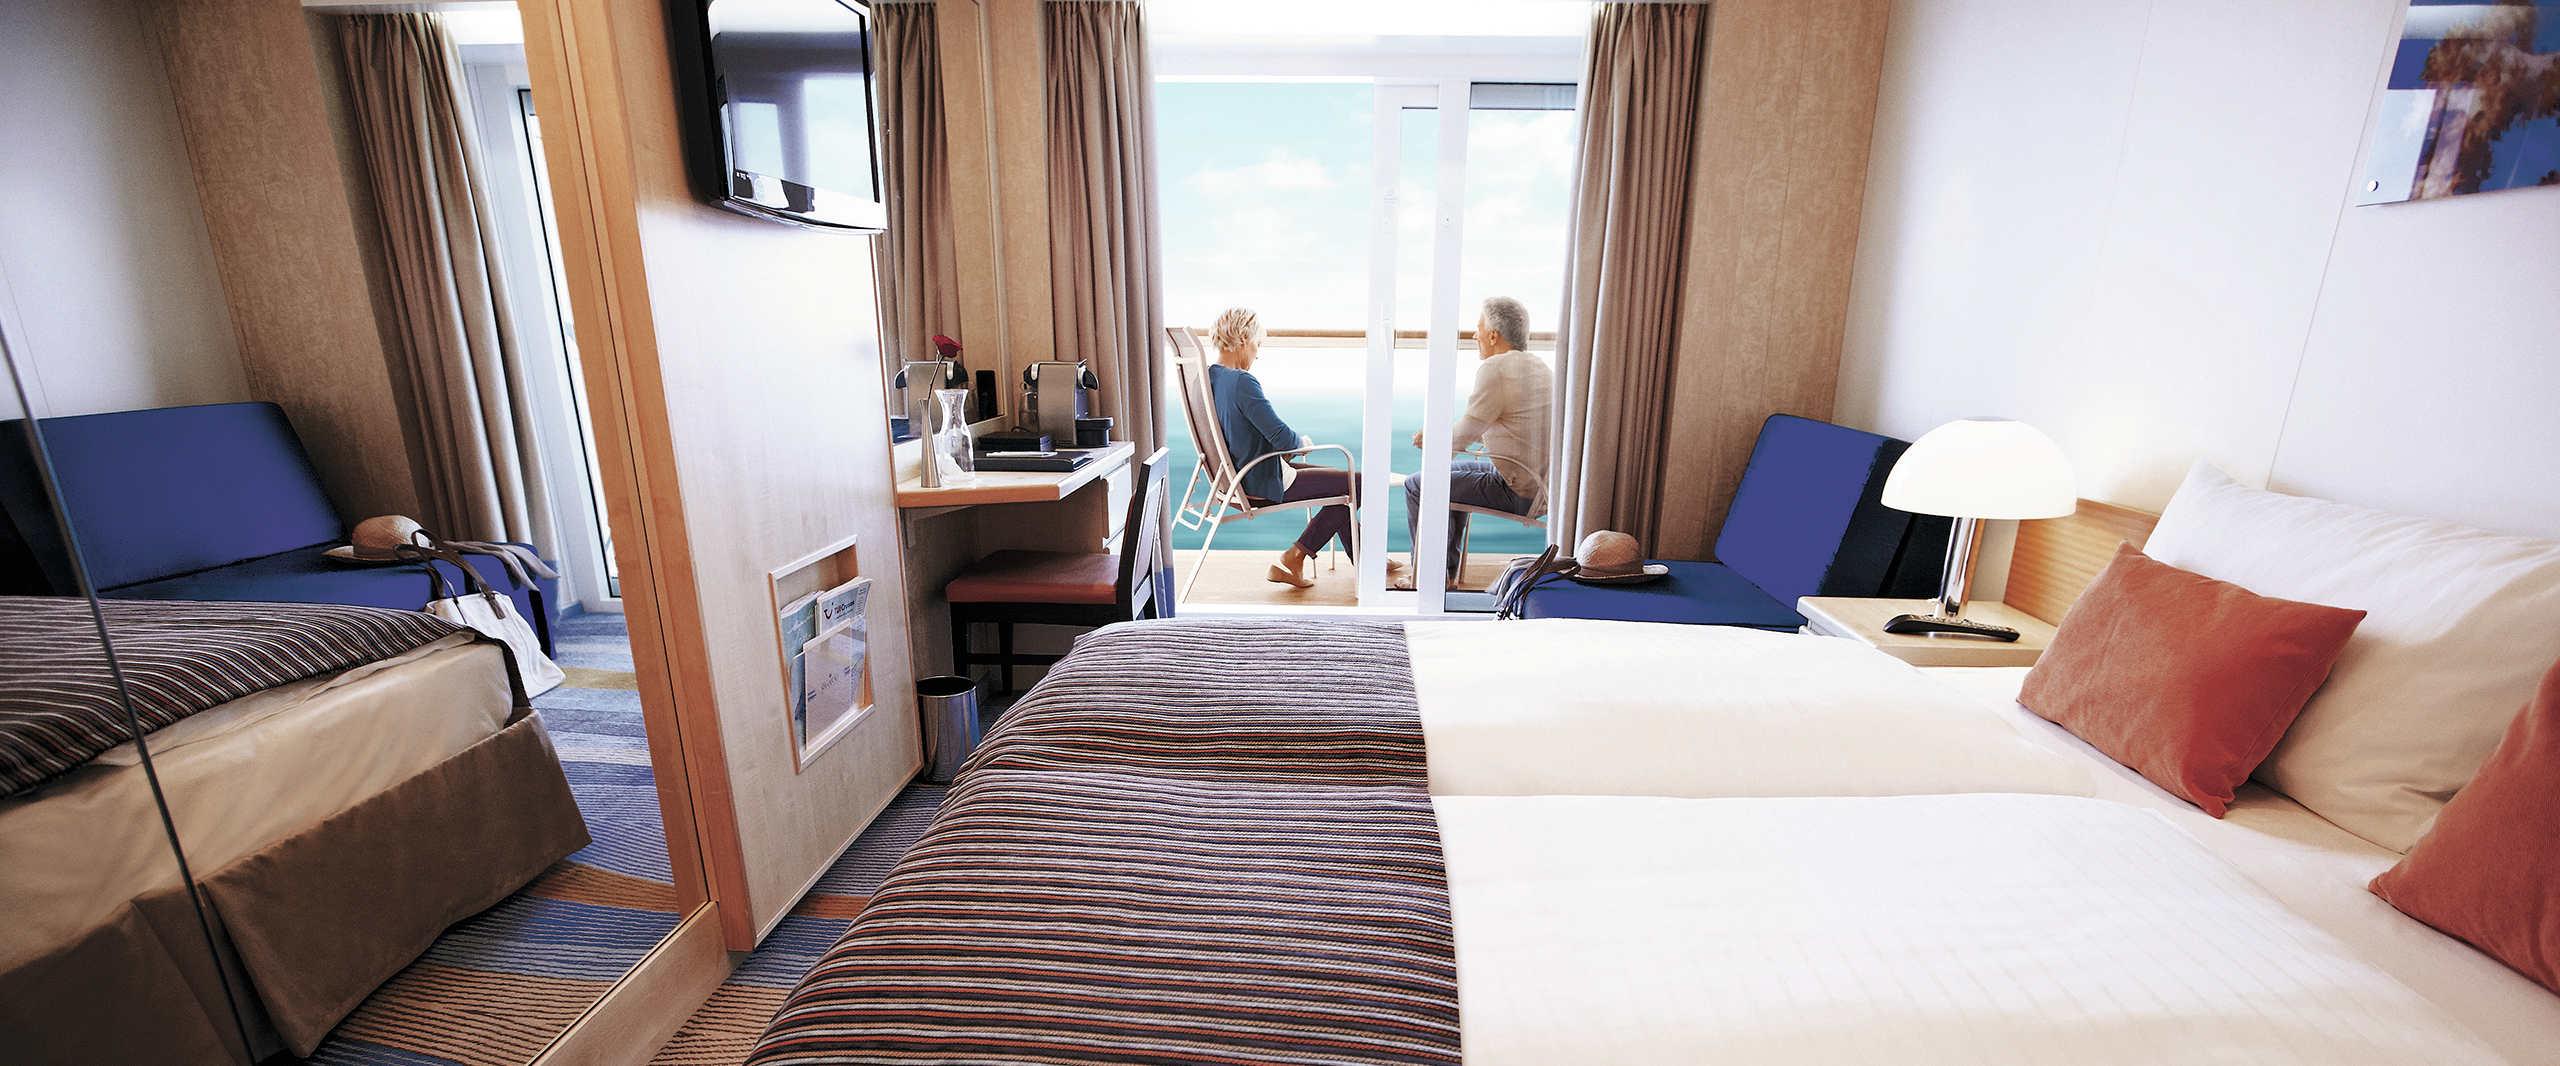 Mein Schiff - Suiten und Kabinen